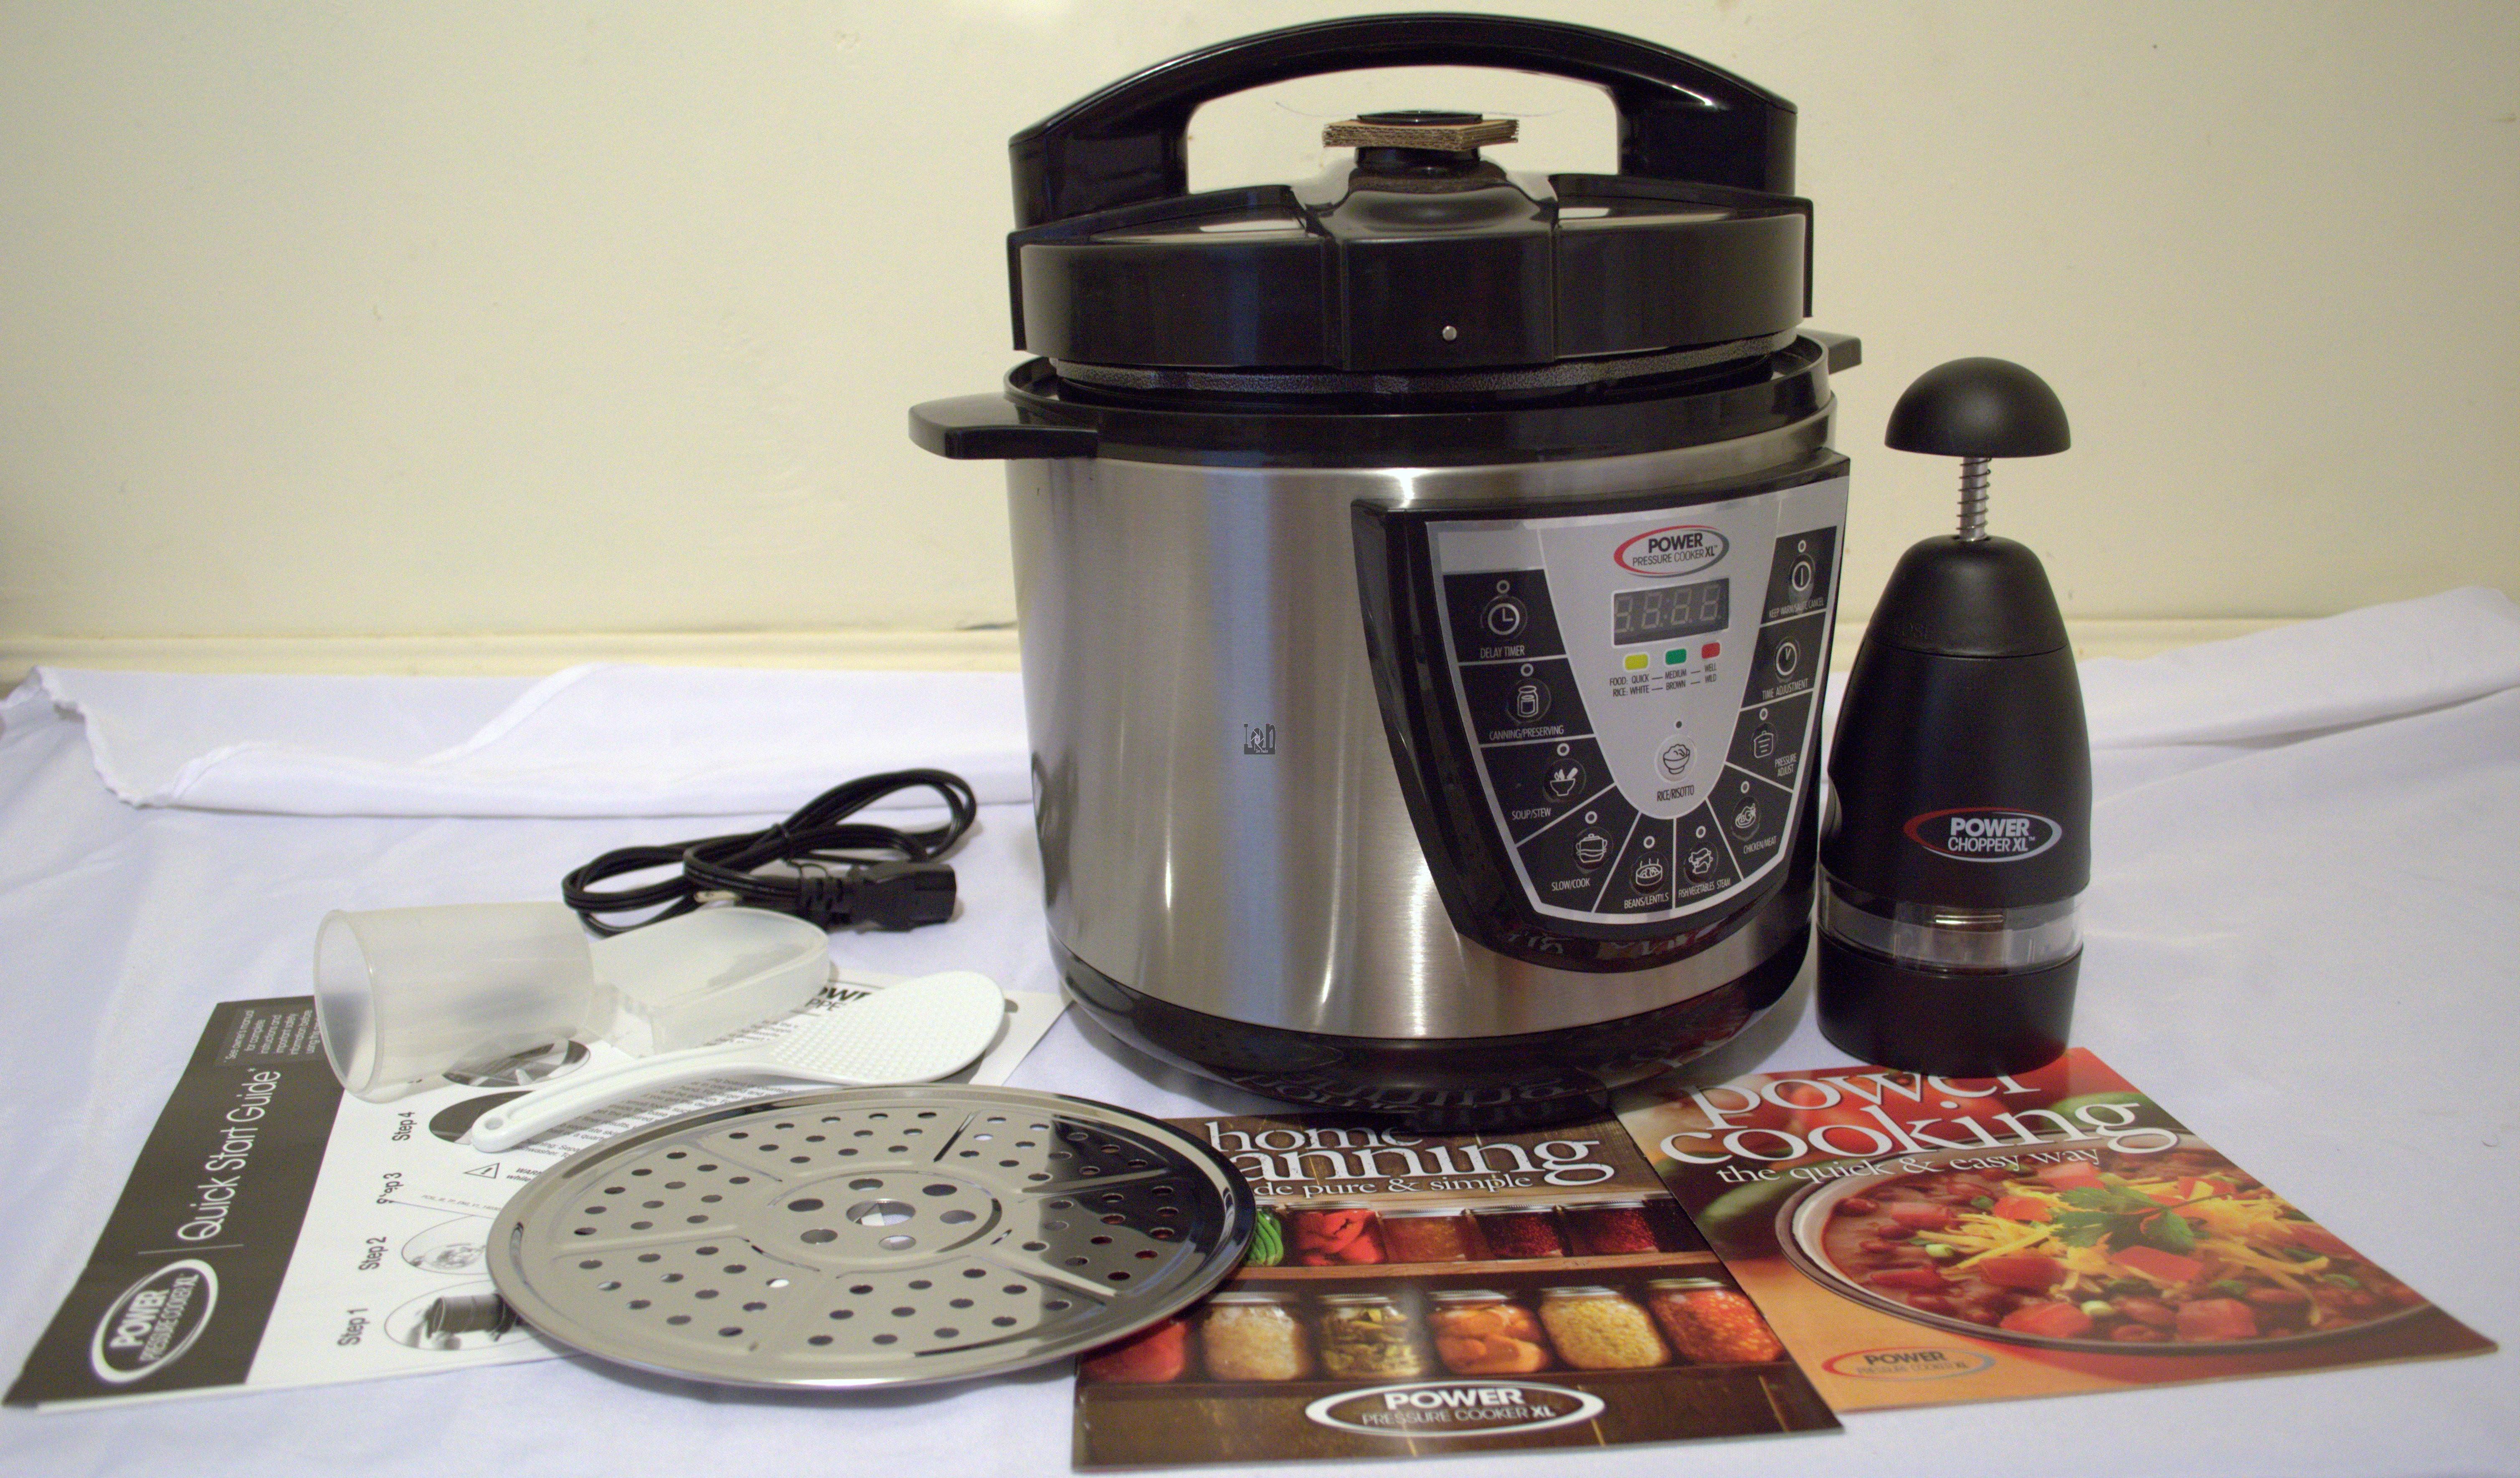 Power Cooker XL 6qt Pressure Cooker Combo w/ Chopper